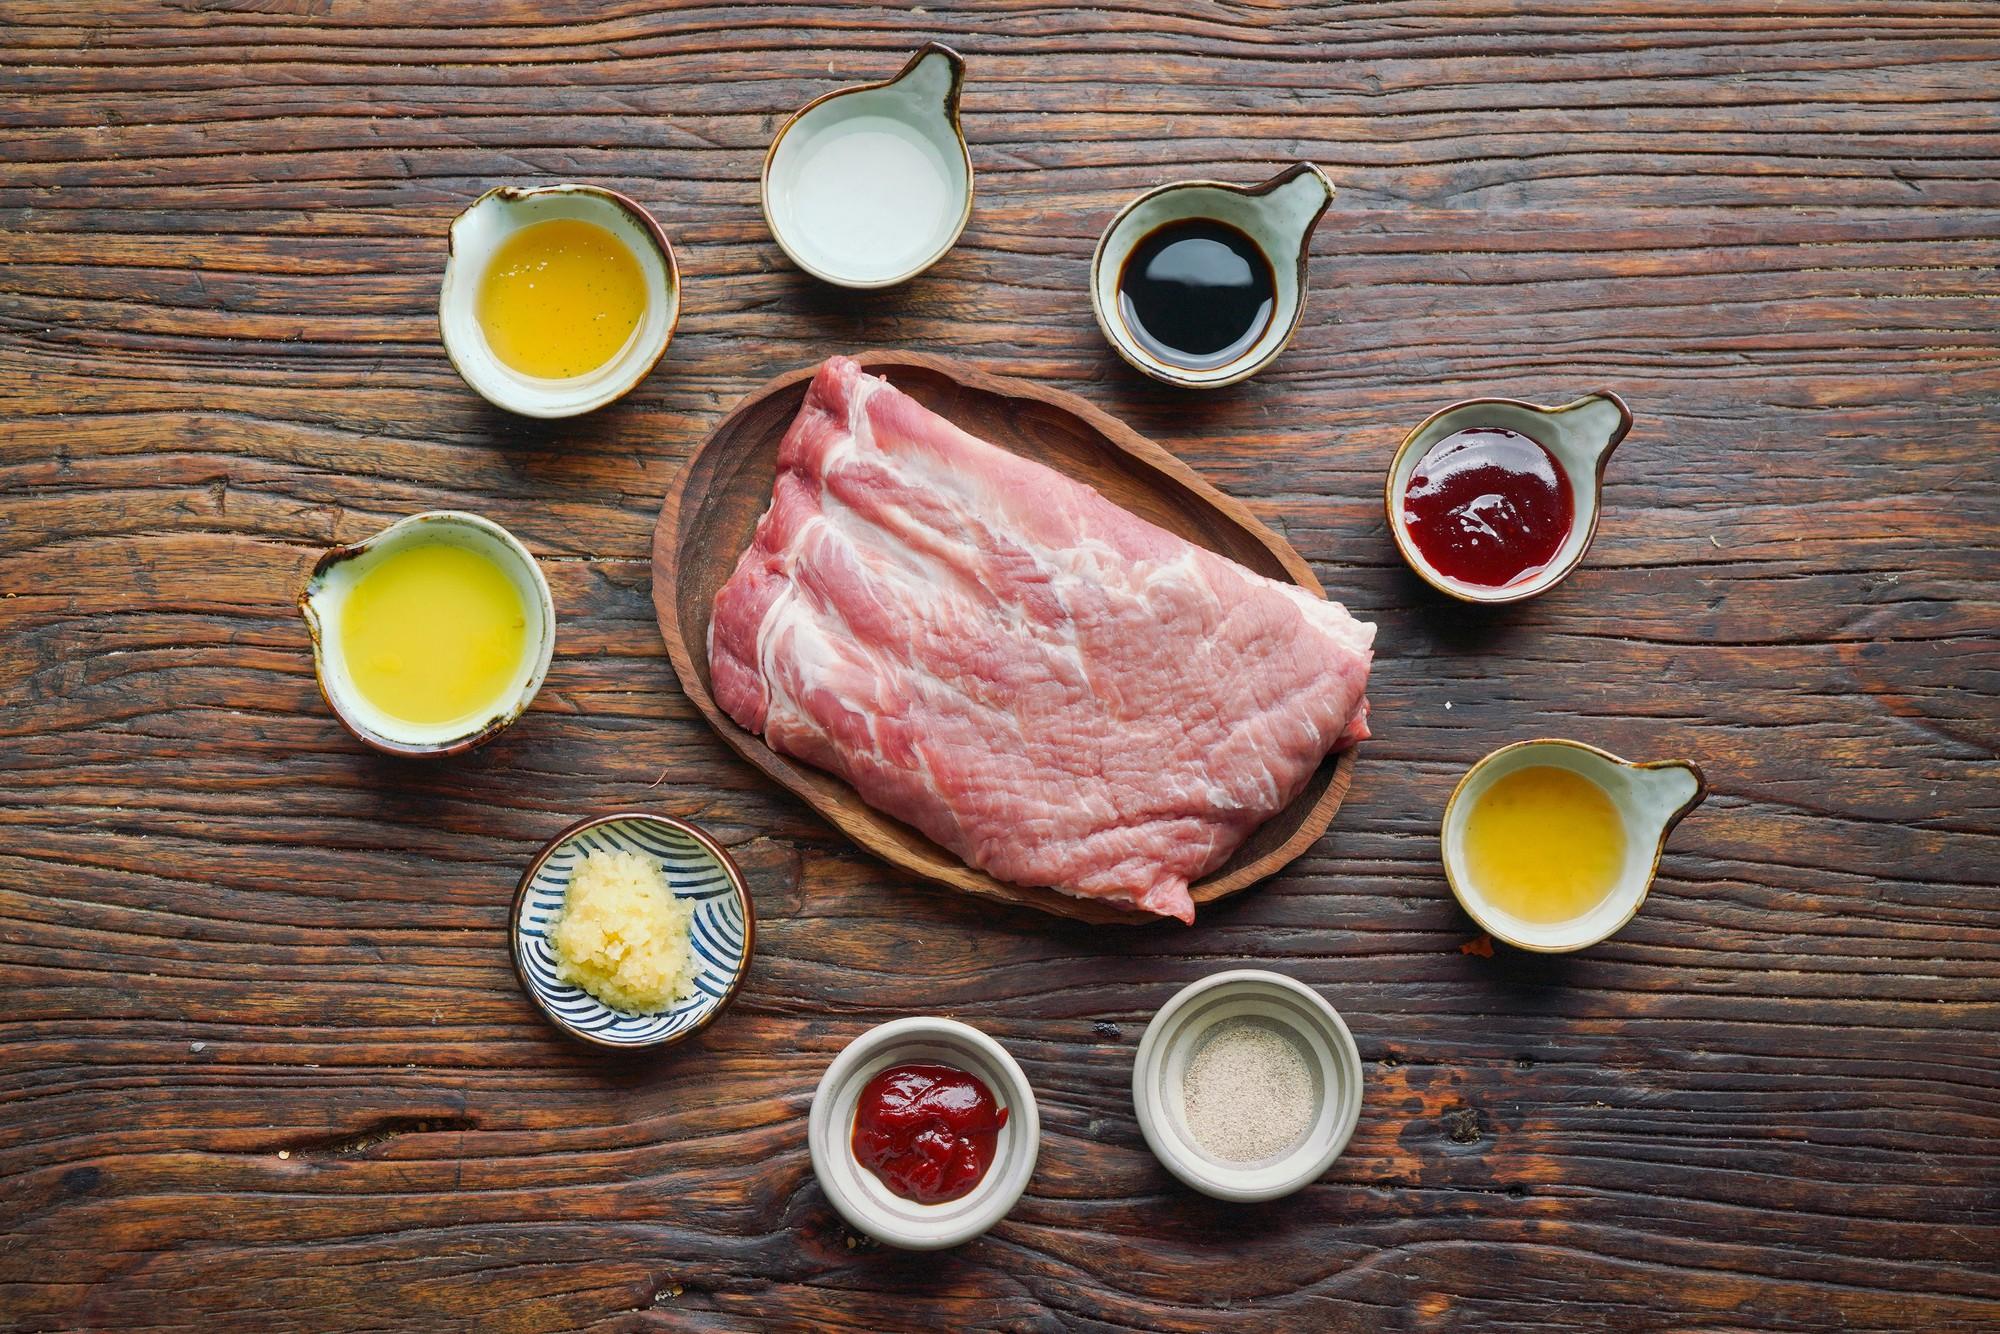 Món ngon cuối tuần: Sườn non nướng thơm lừng bổ dưỡng